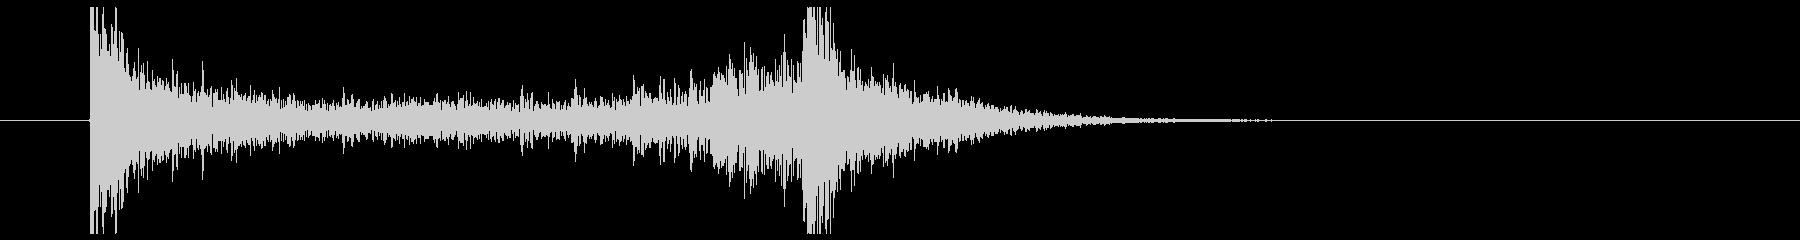 ティンパニーロール(2秒)の未再生の波形